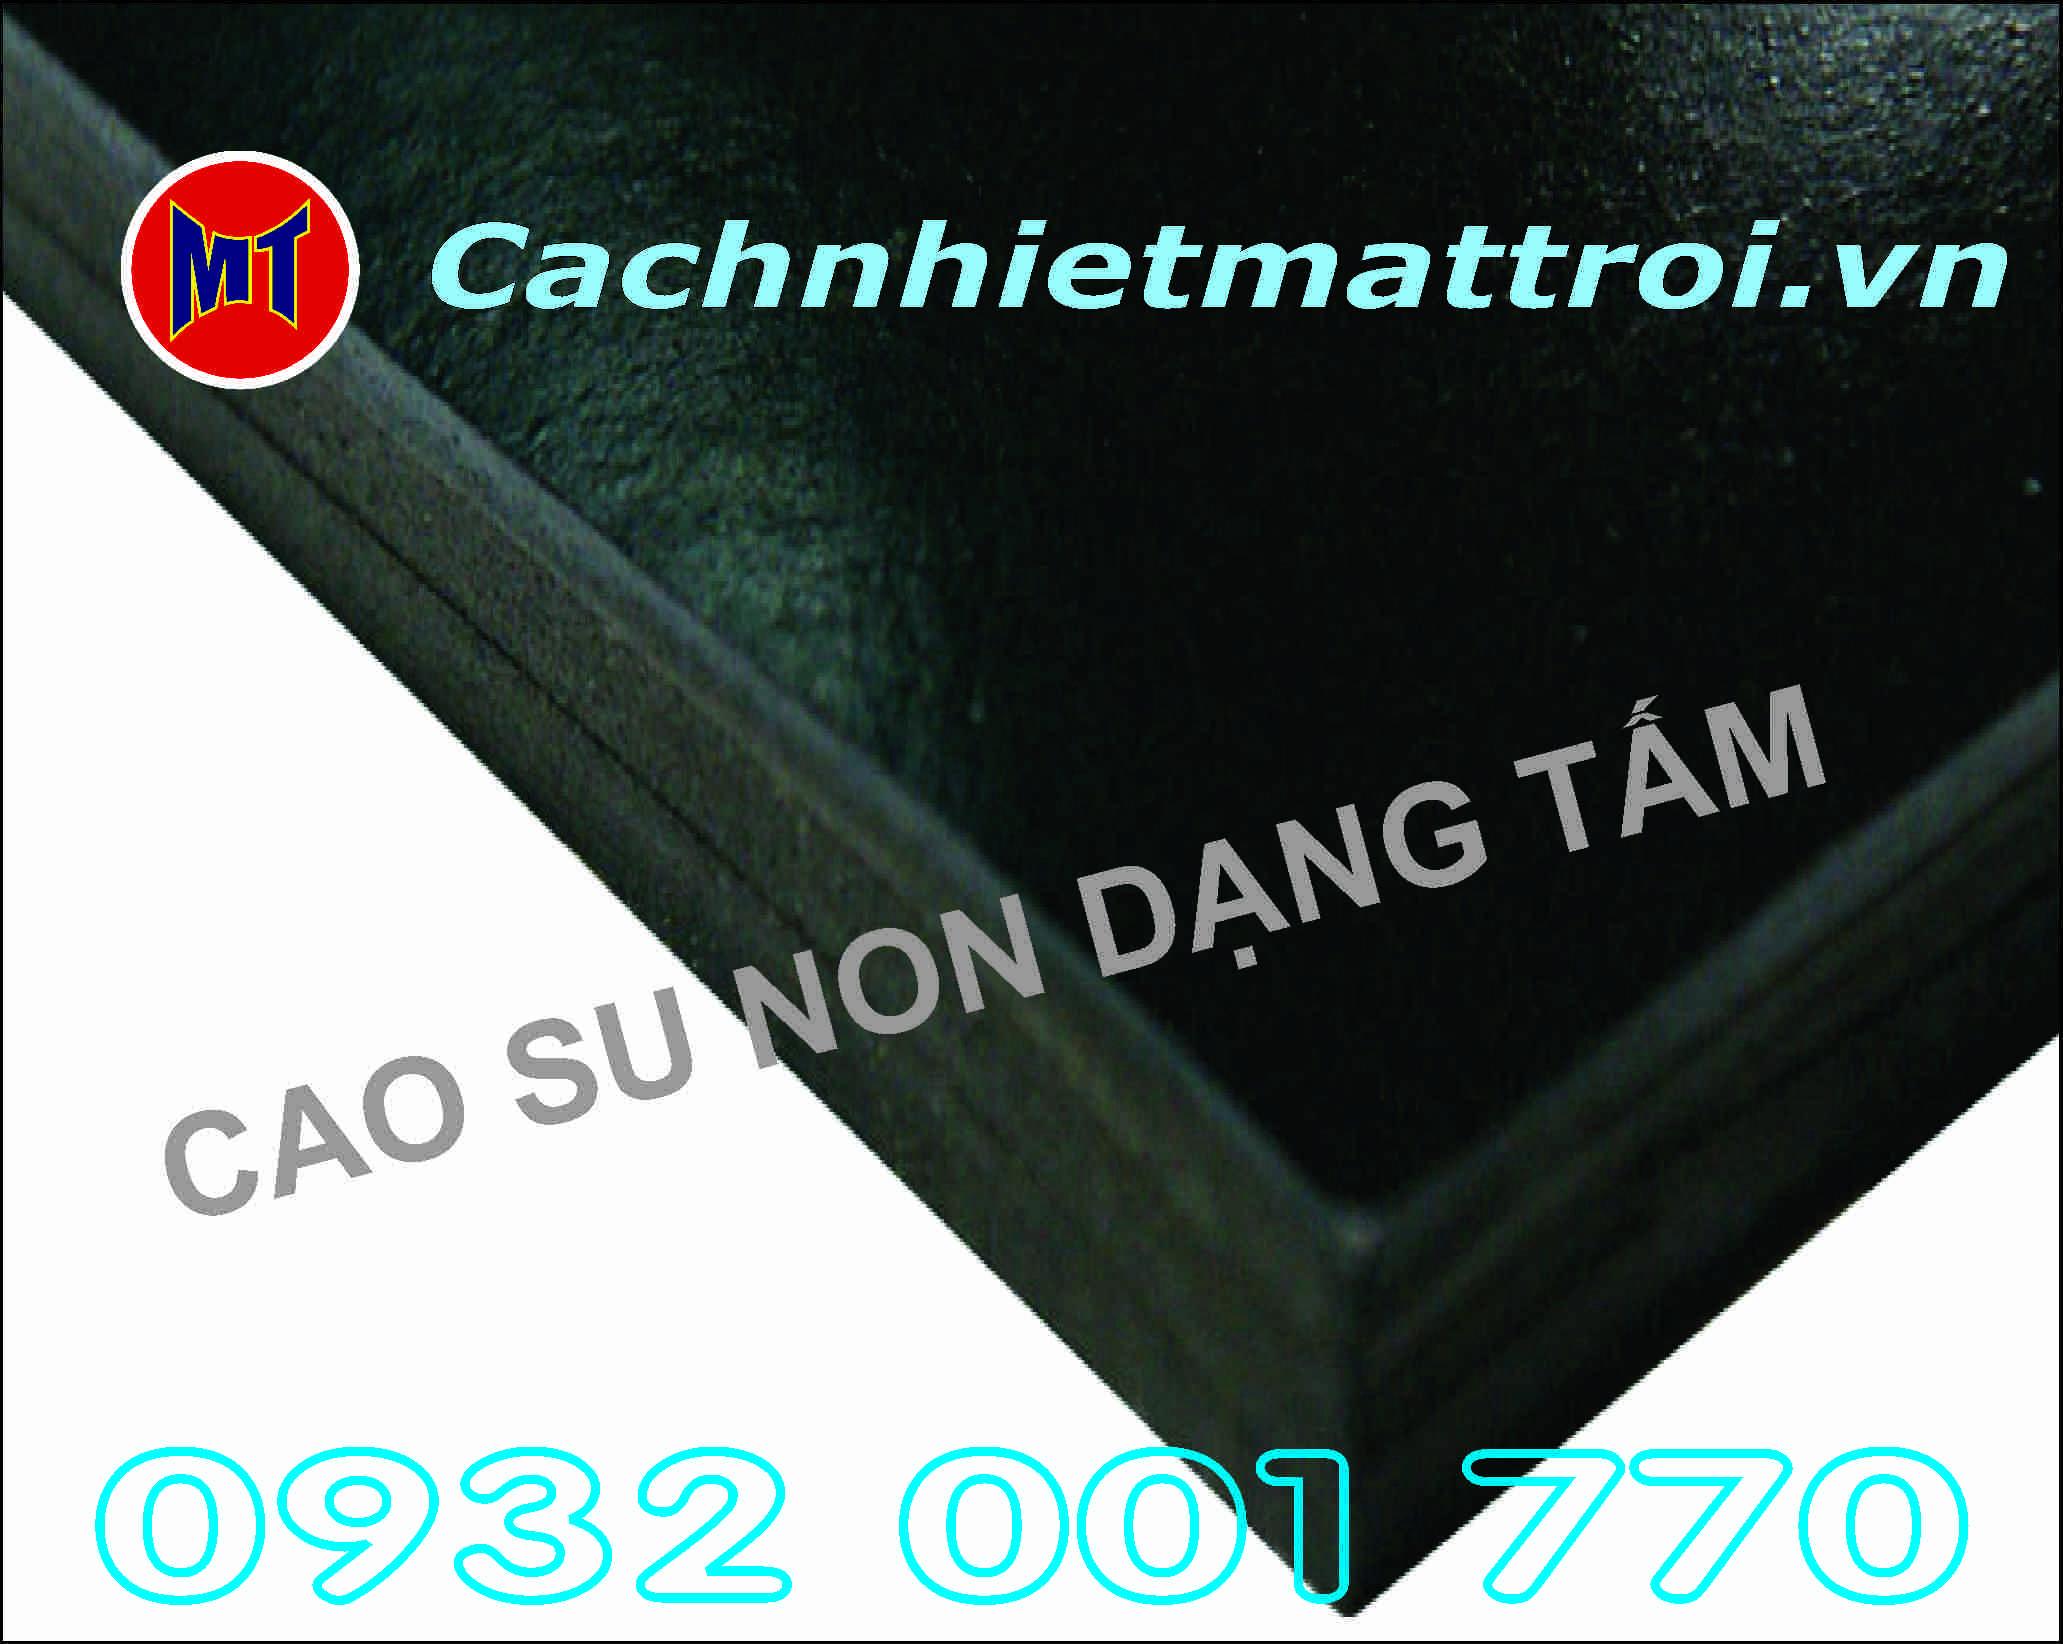 hình ảnh sản phẩm Cao su non cách âm chống rung dạng tấm dày 20mm - Rubber Sheet - D20